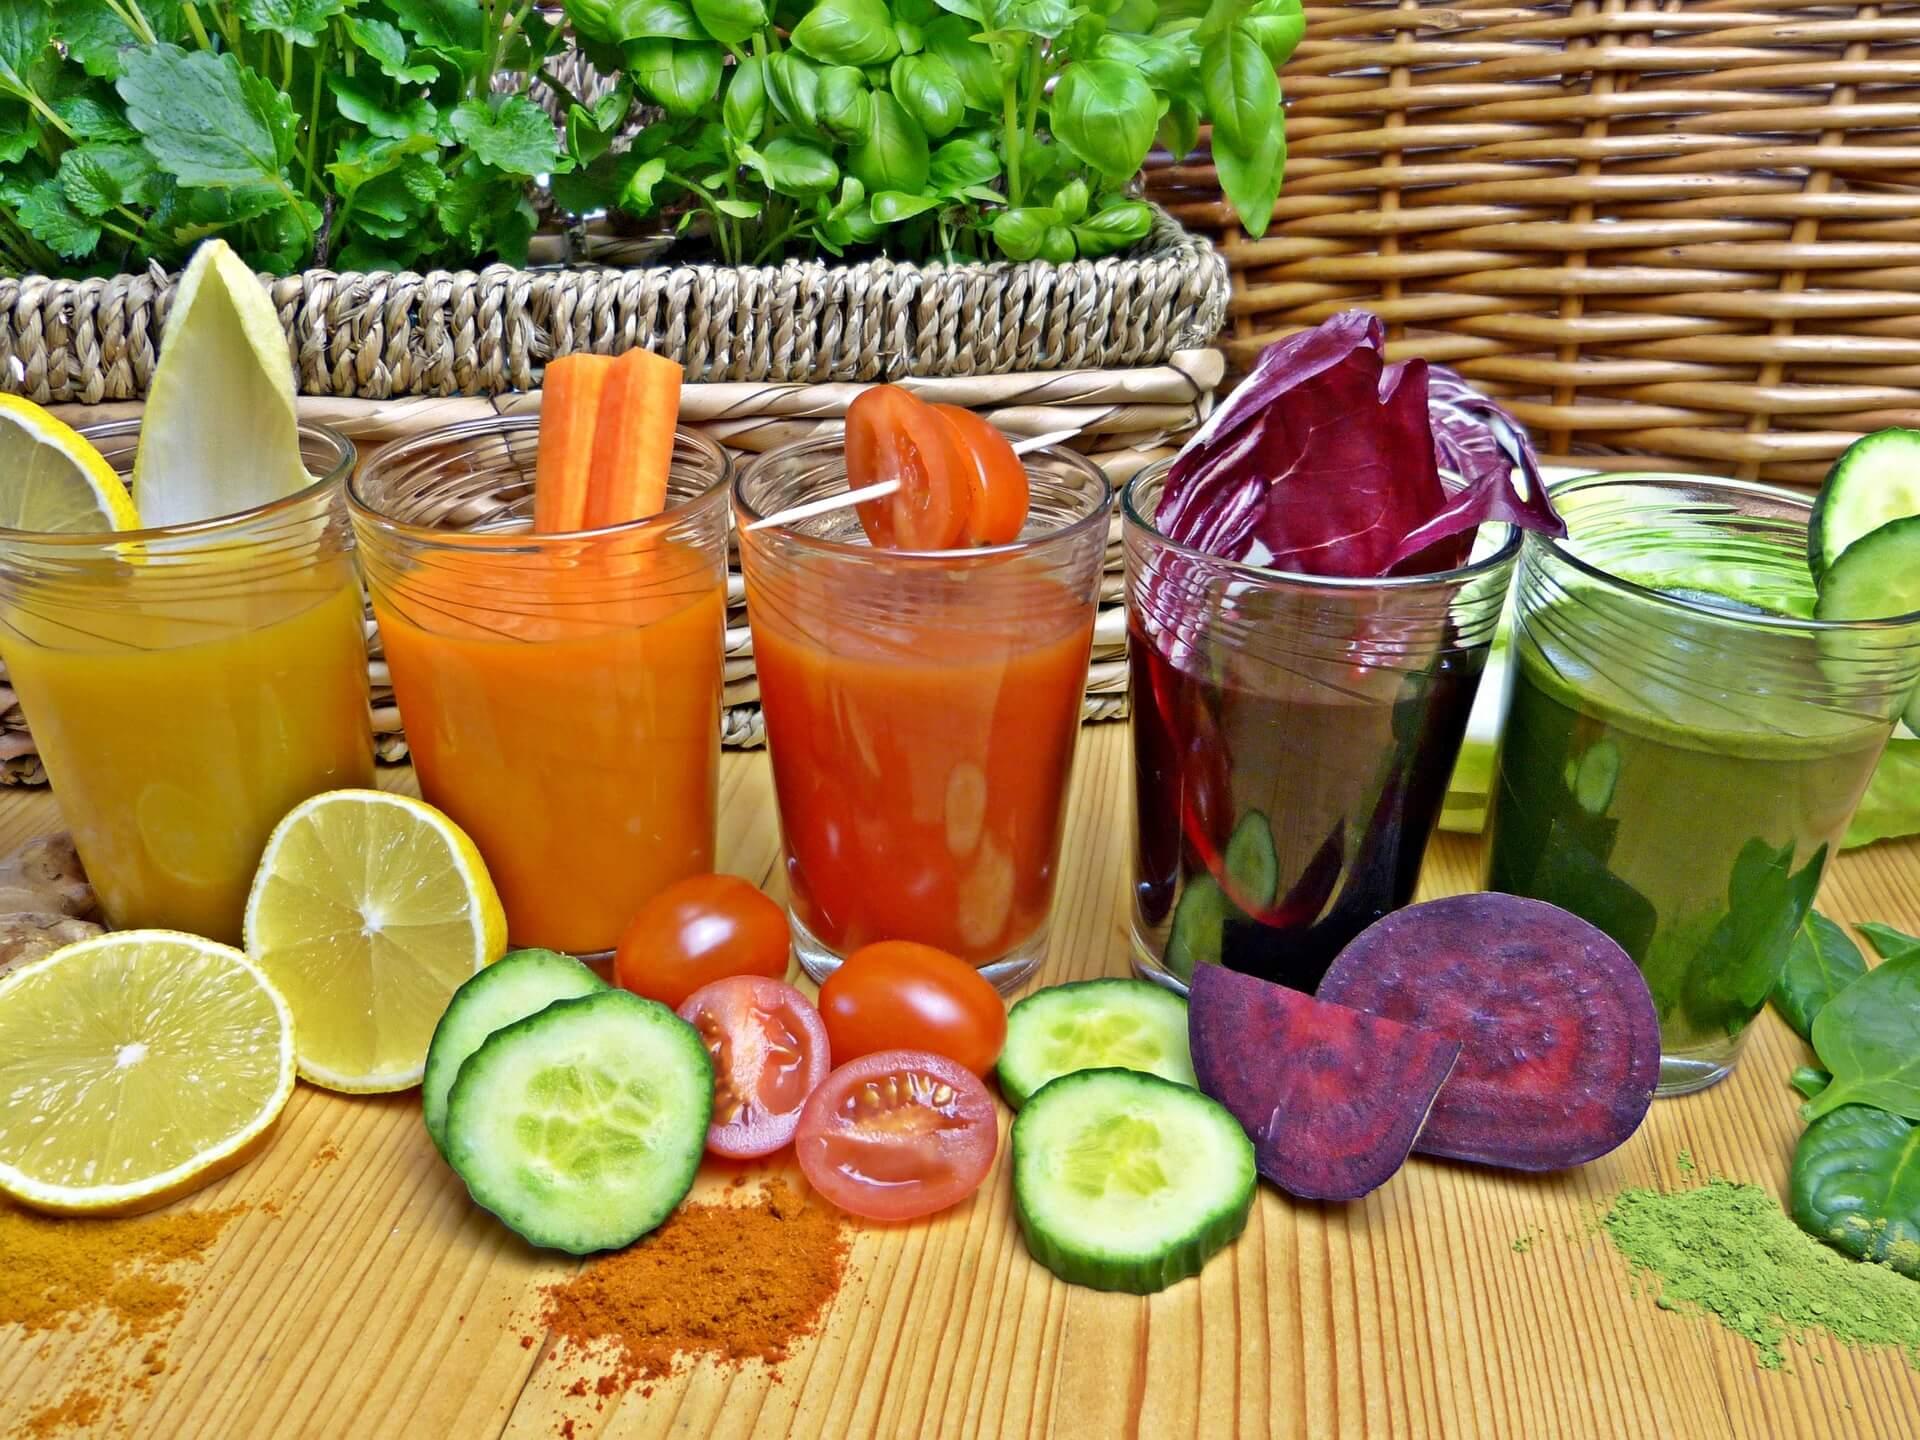 Soki-owocowo-warzywne-na-stole